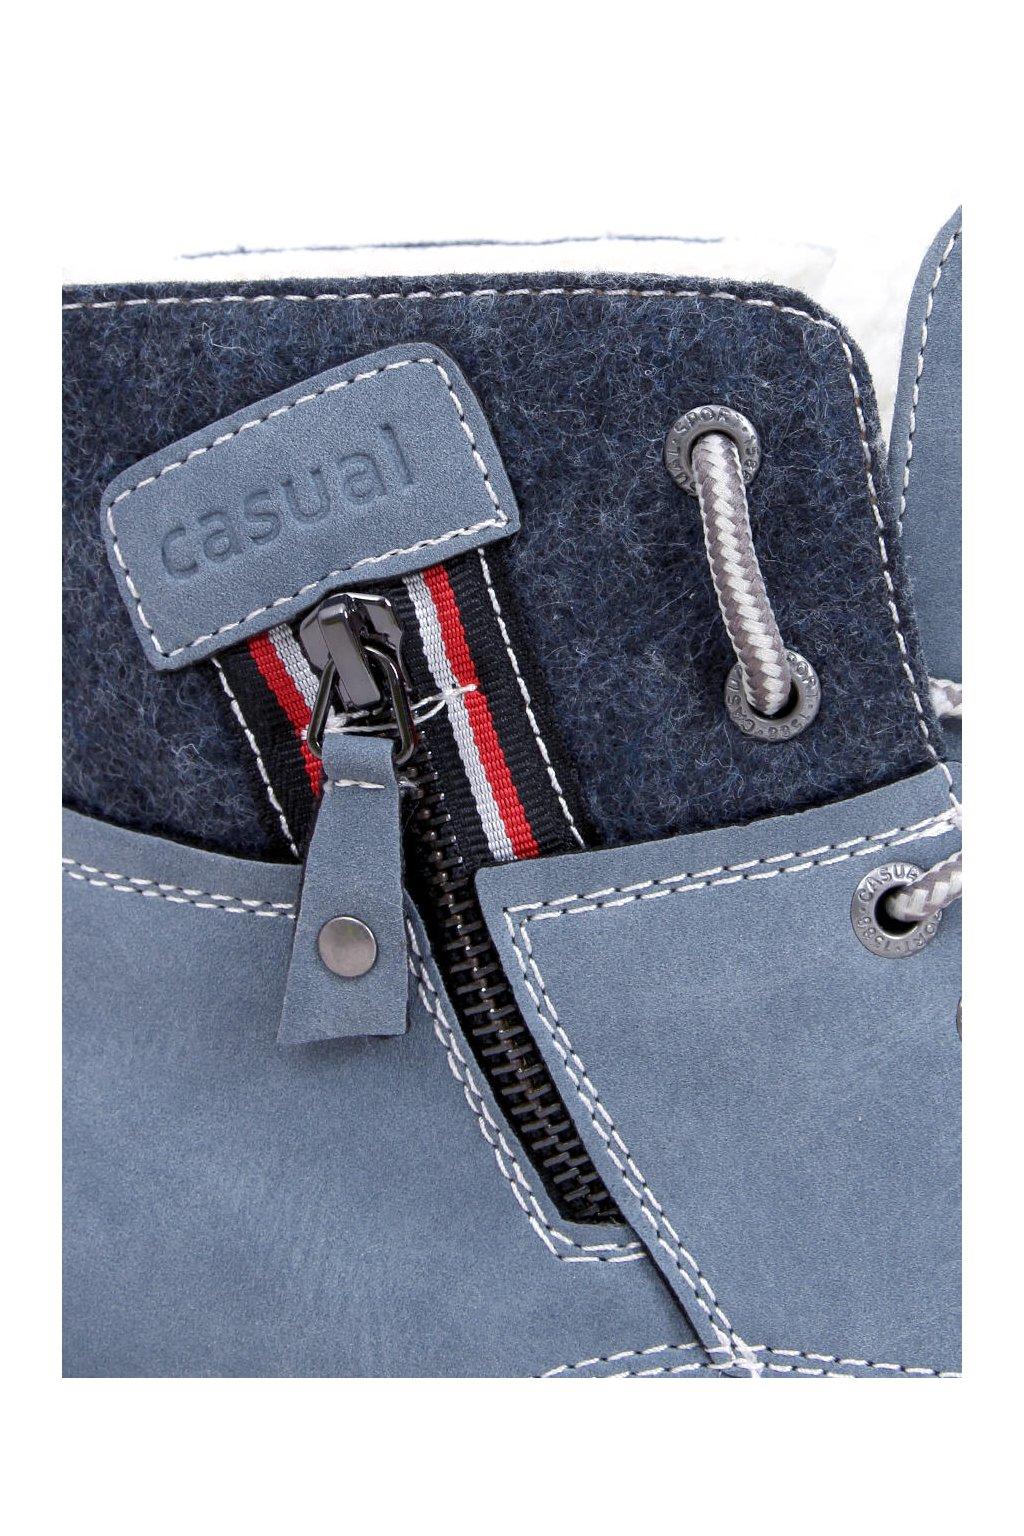 Dámske členkové topánky modré na plochom podpätku GD-TL10